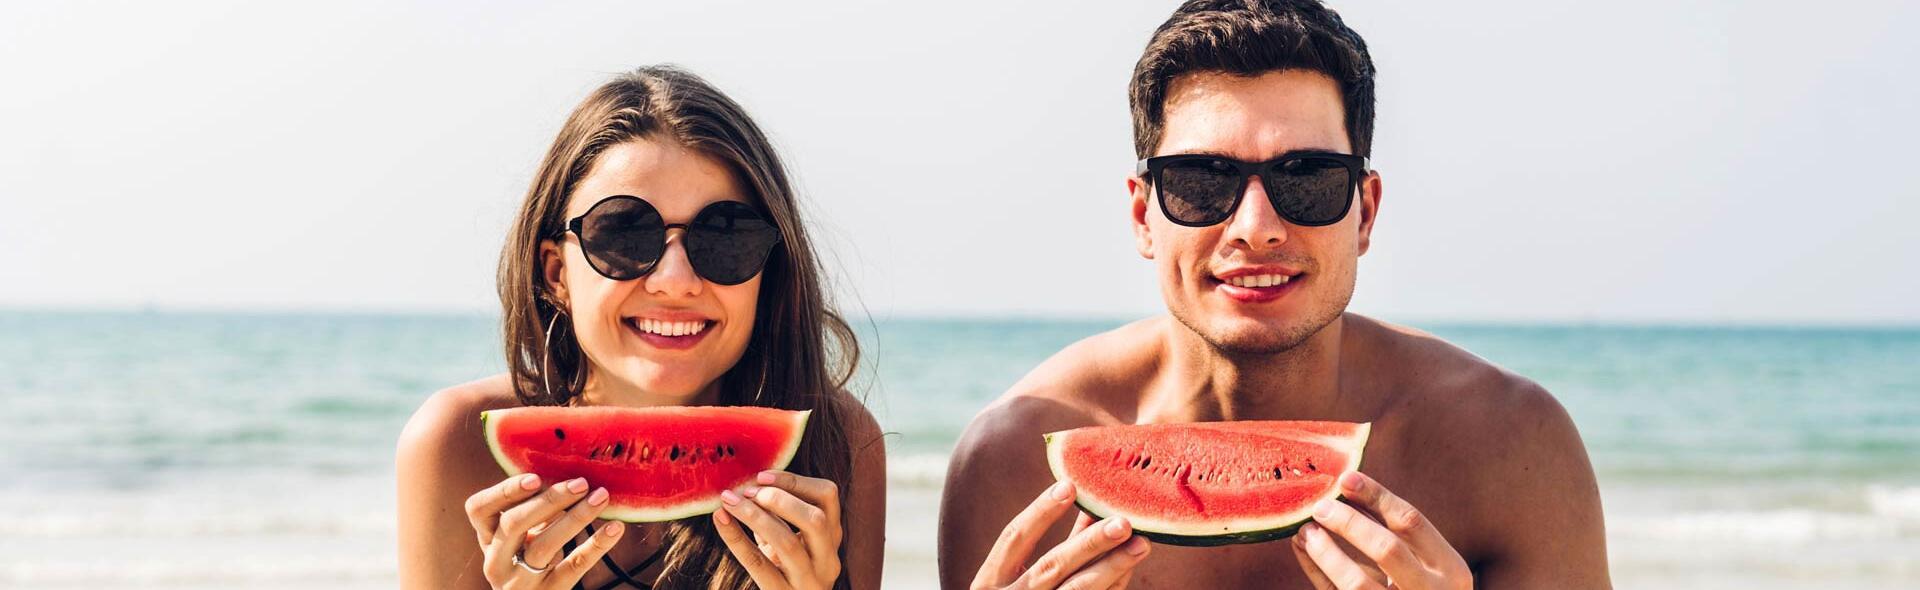 hsuisse it vacanze-di-coppia 010